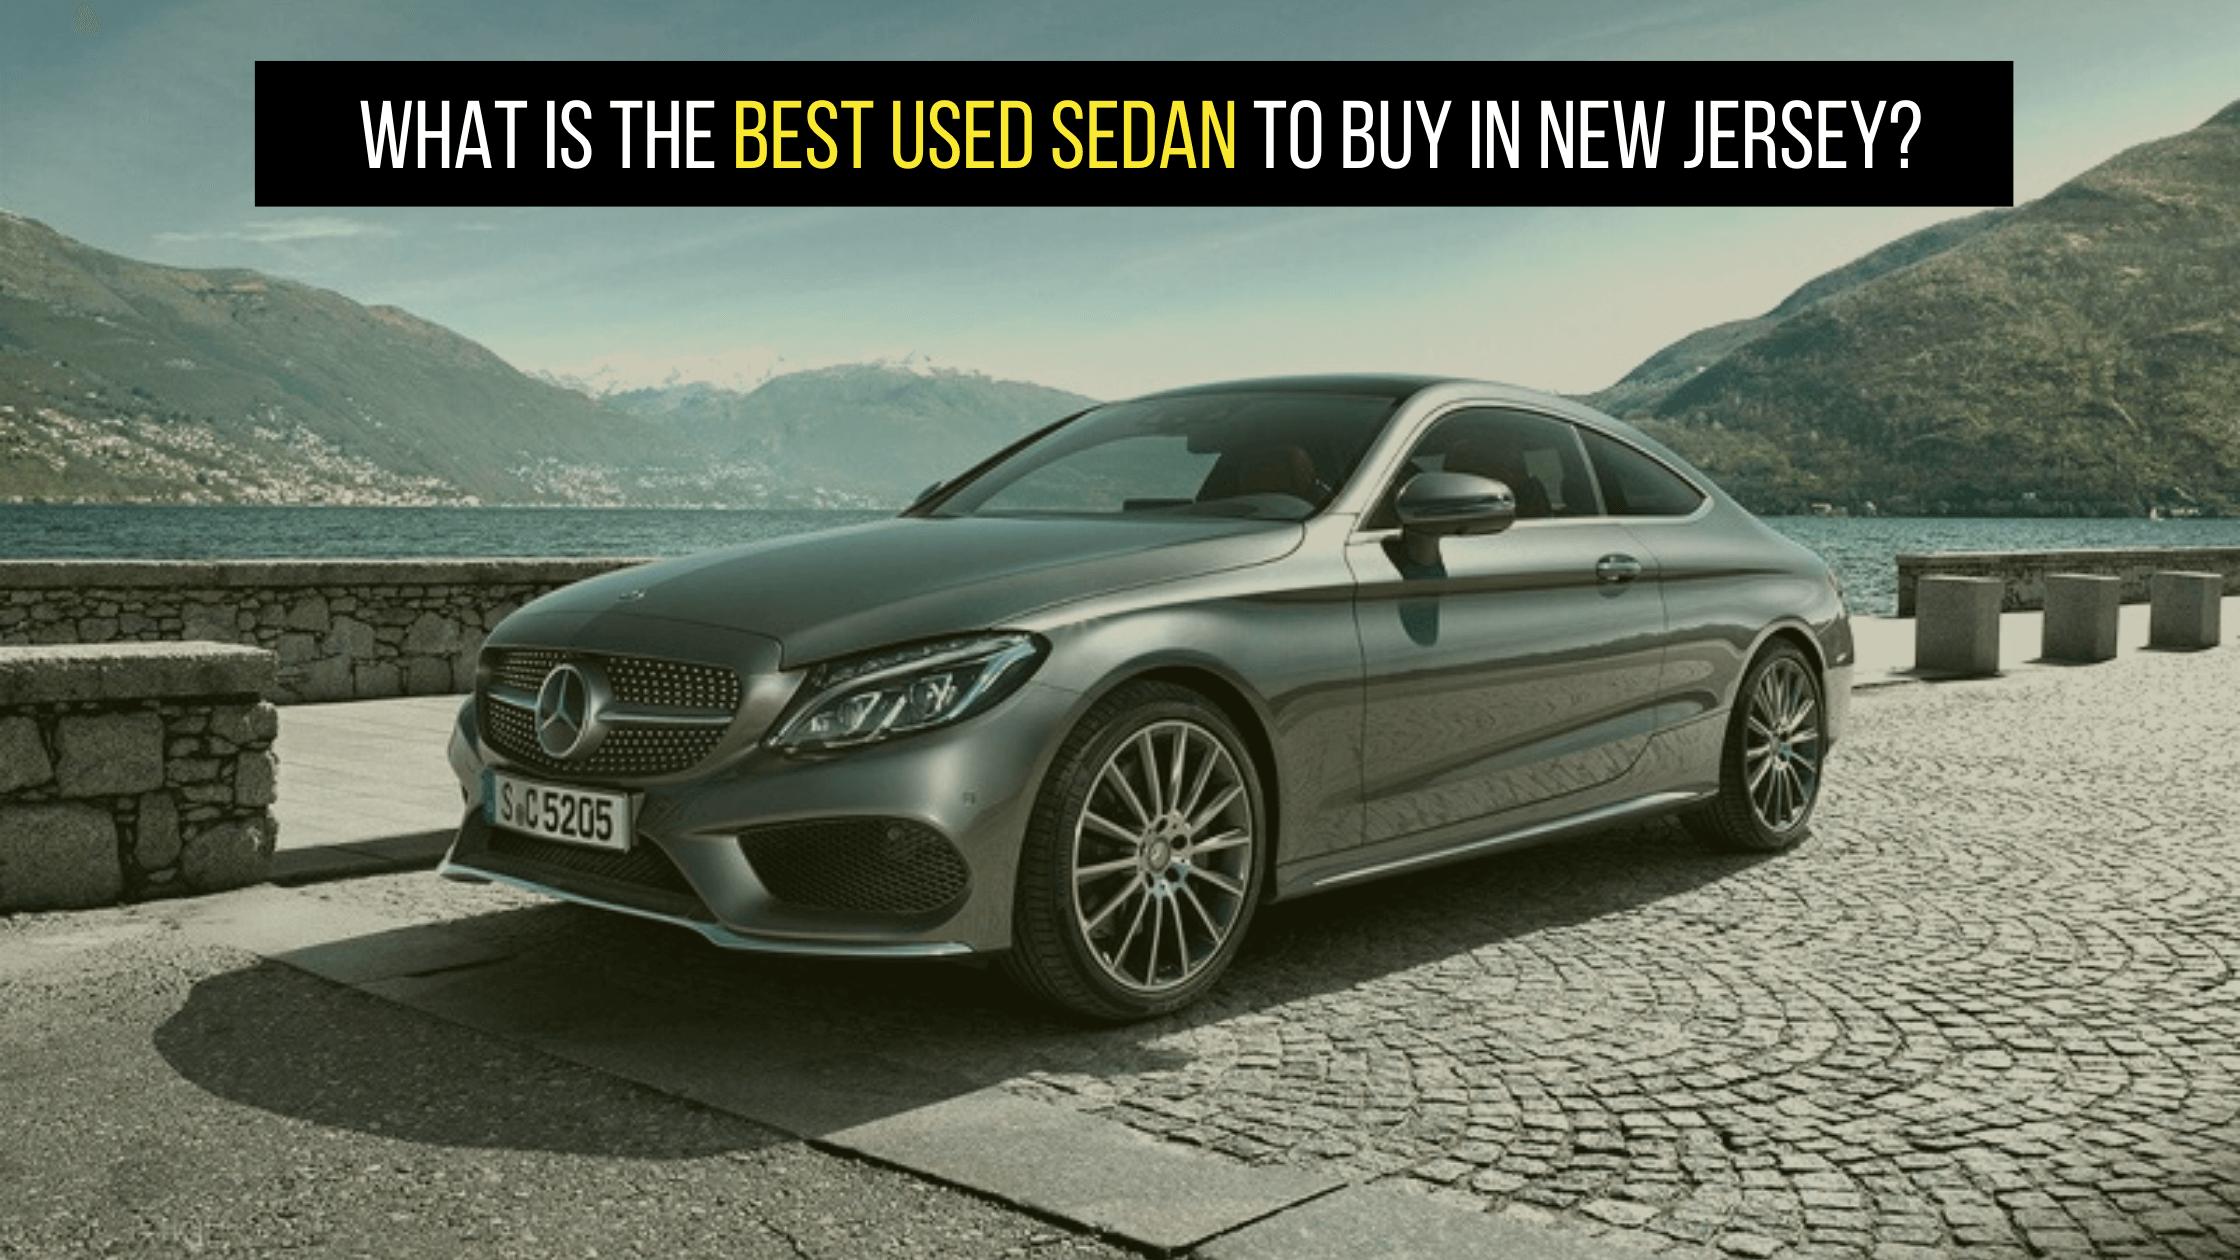 Best Used Sedan to Buy in NJ